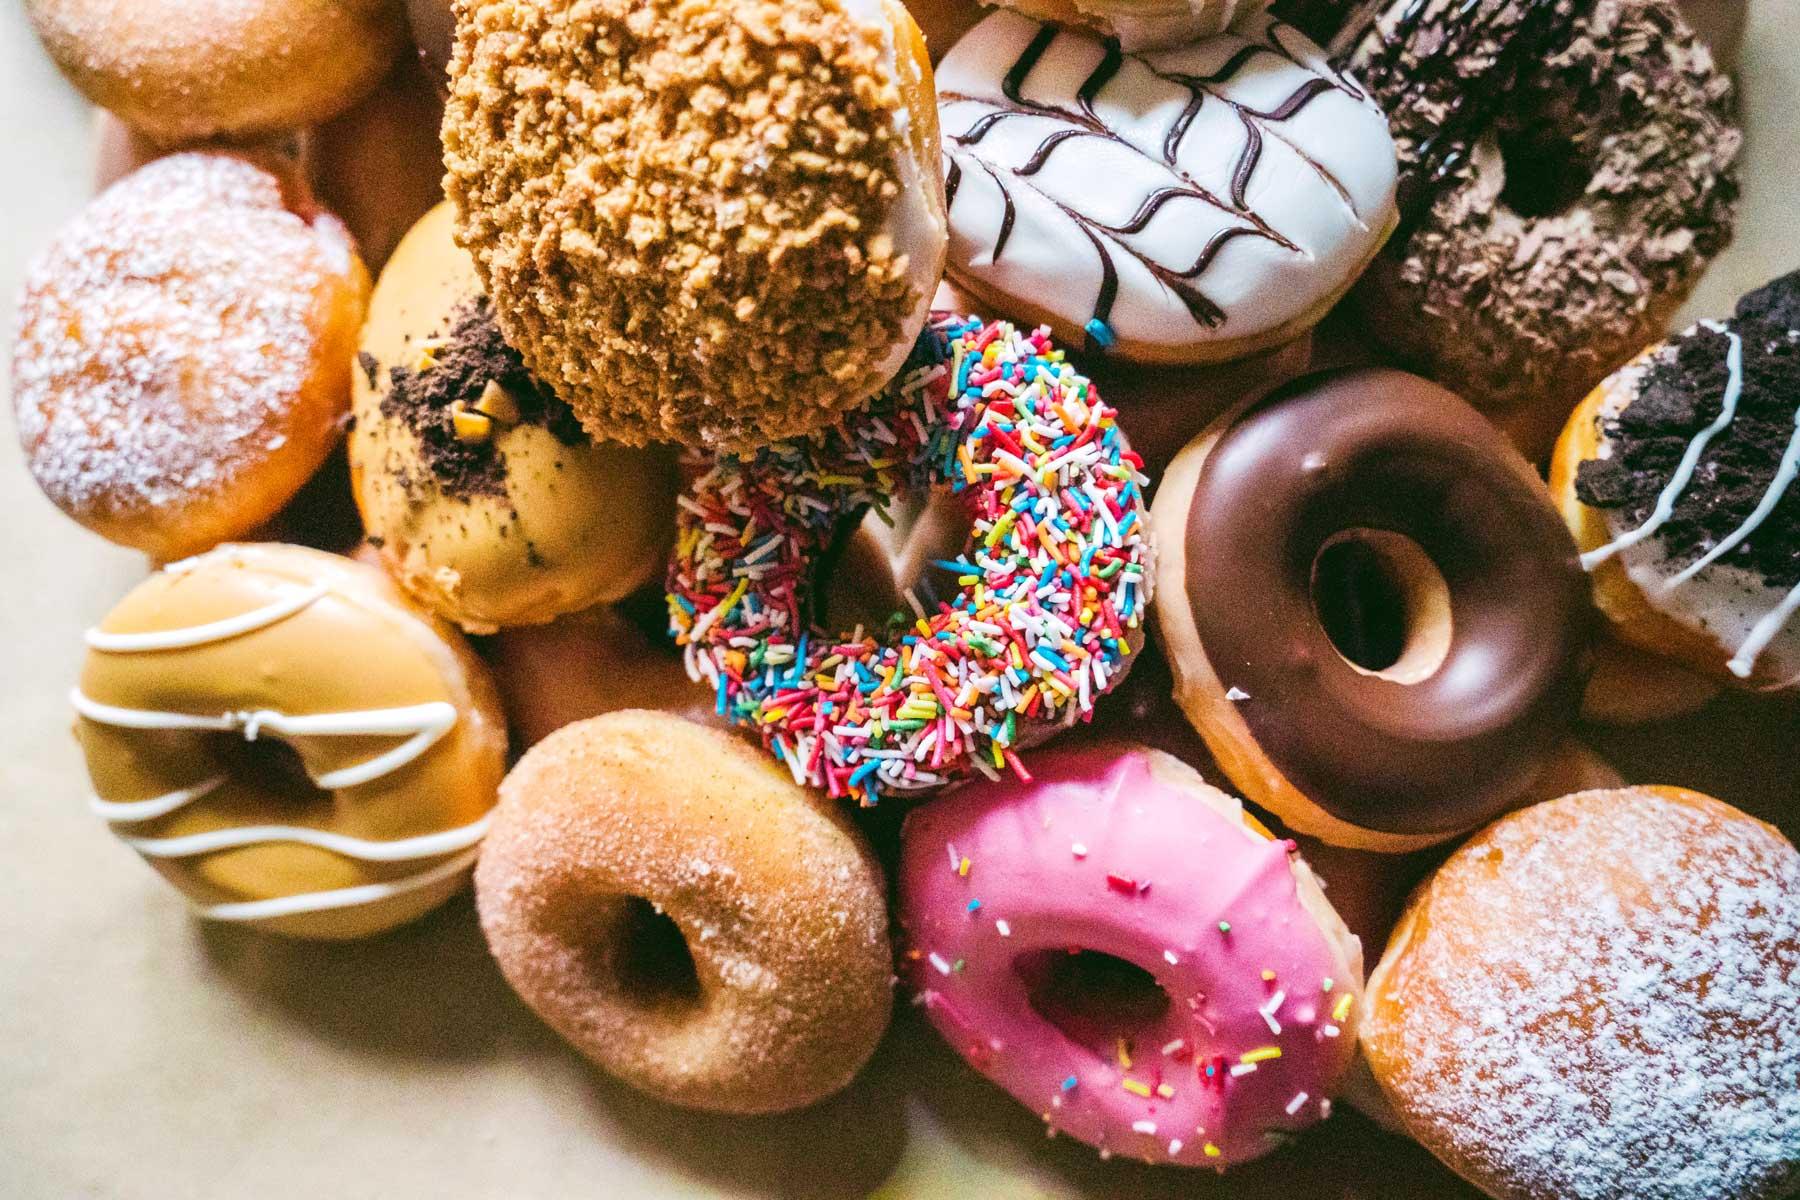 Minder suiker eten, hoe doe je dat? Zlim geeft tips